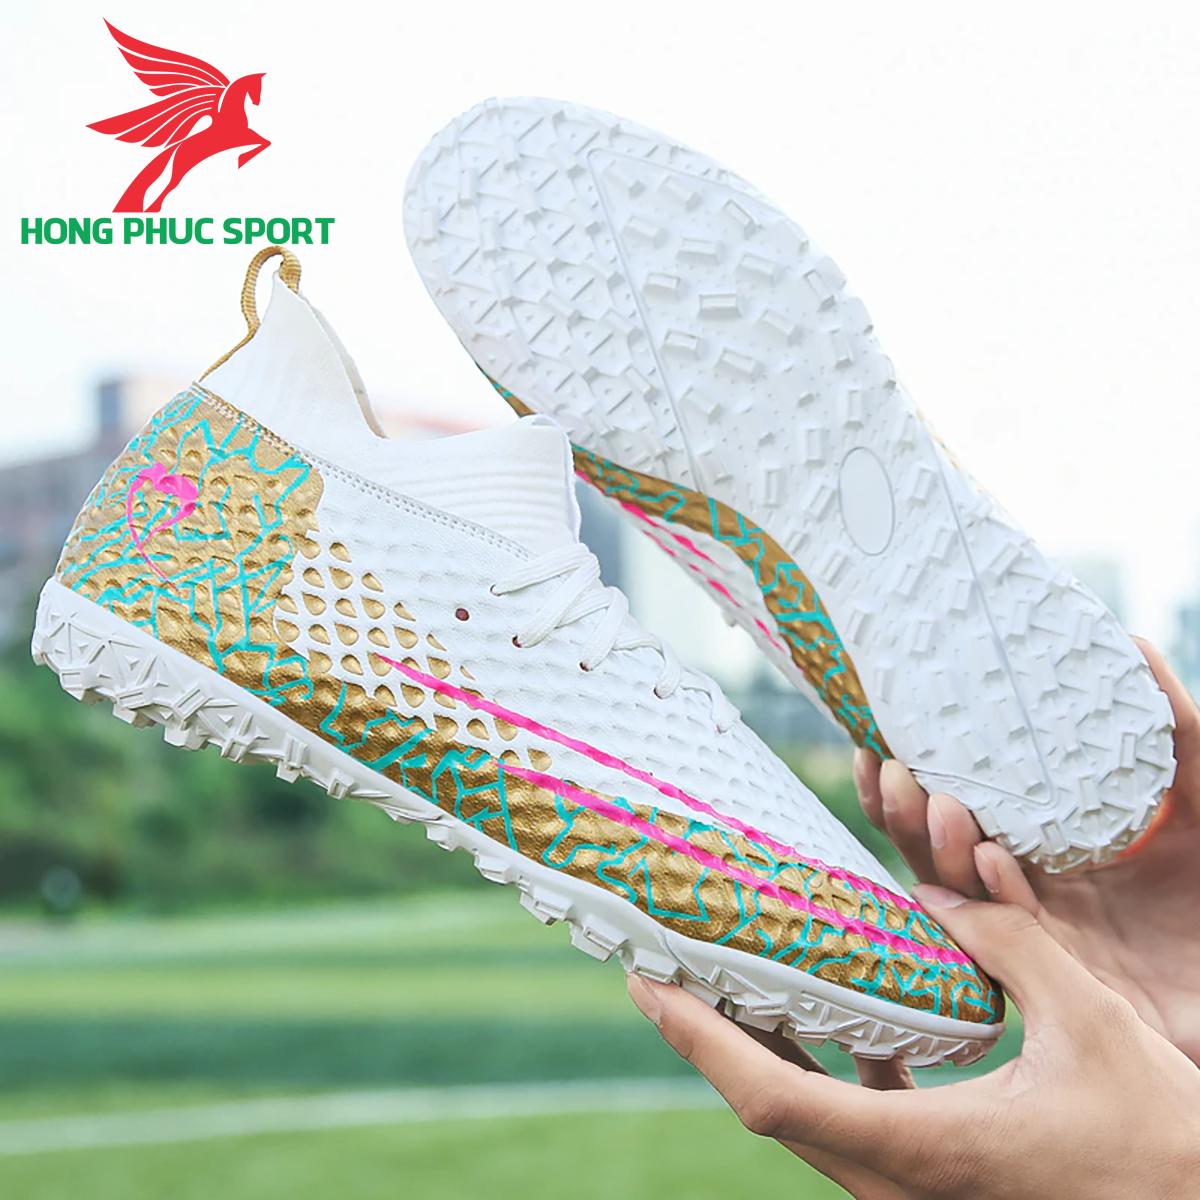 Giày đá banh cổ cao Future 5.1 TF màu trắng (1)